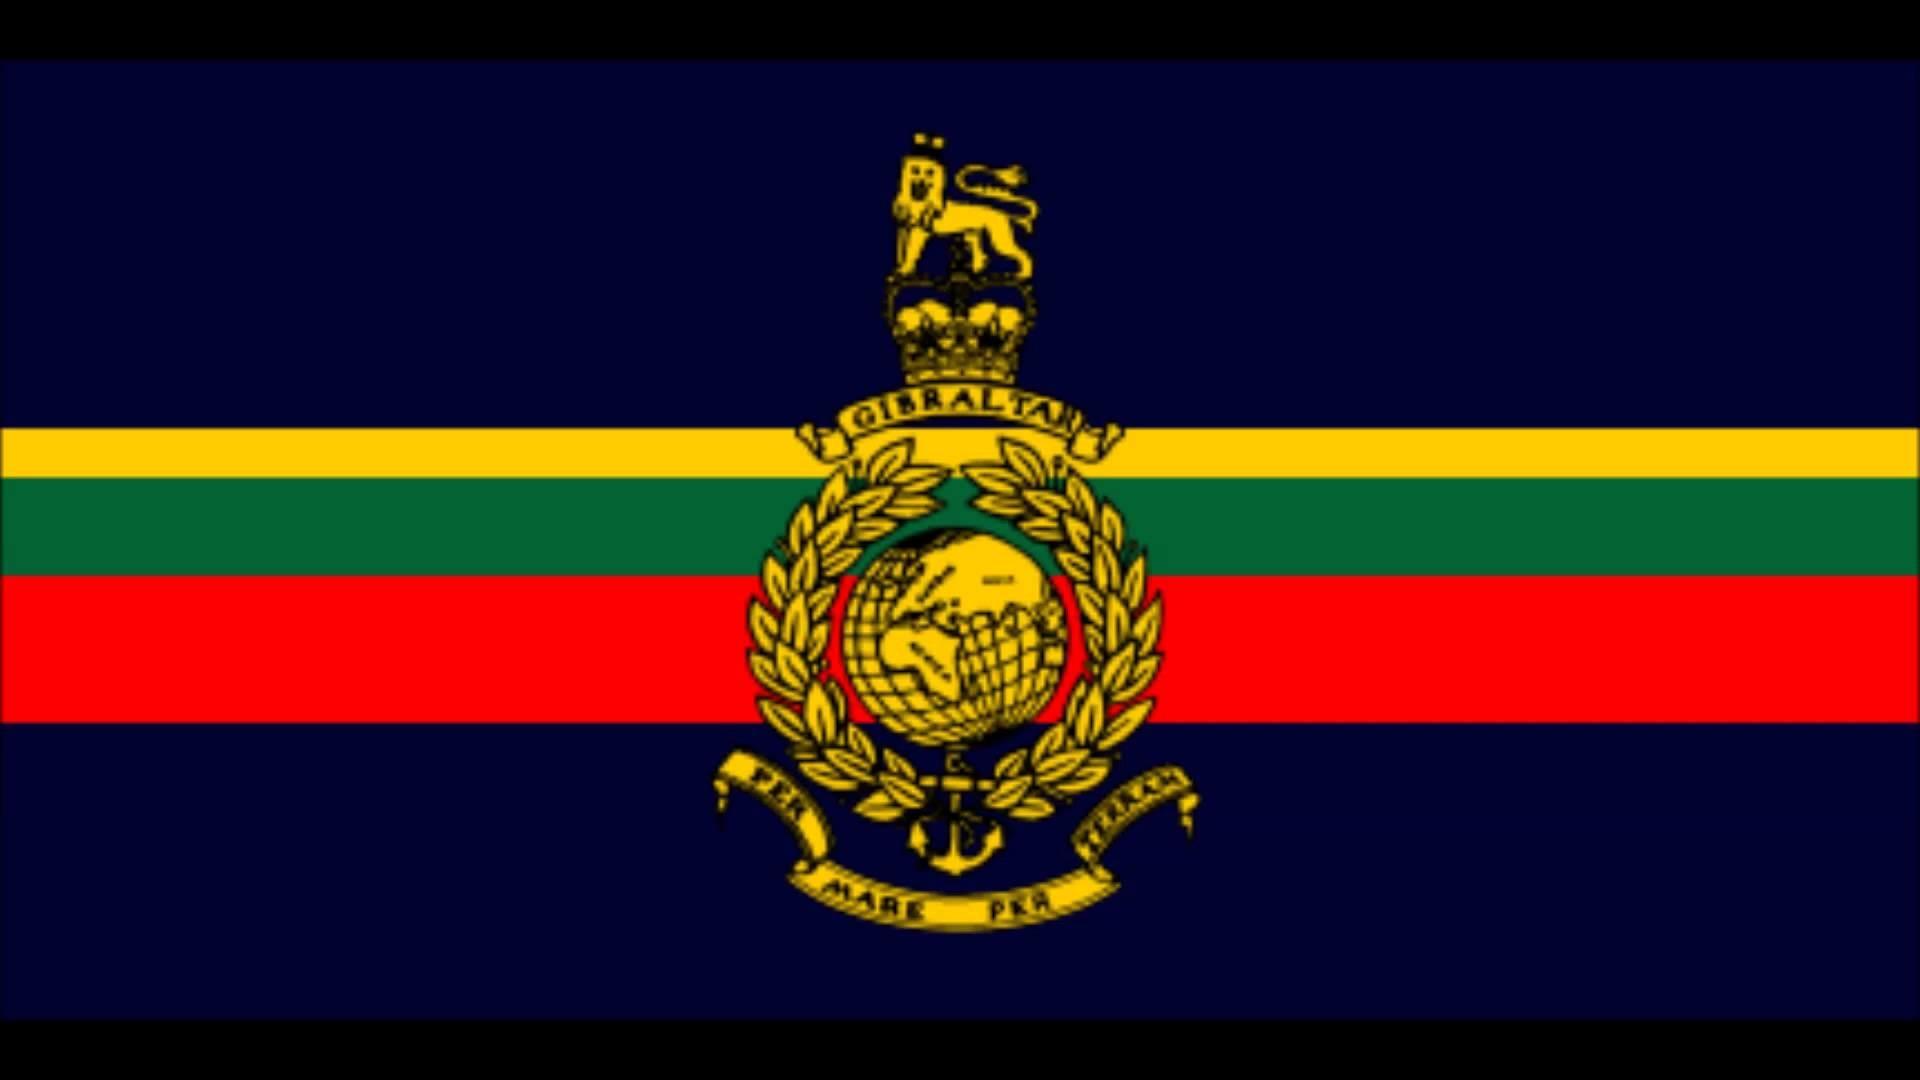 Res: 1920x1080, royal marines wallpaper #408975